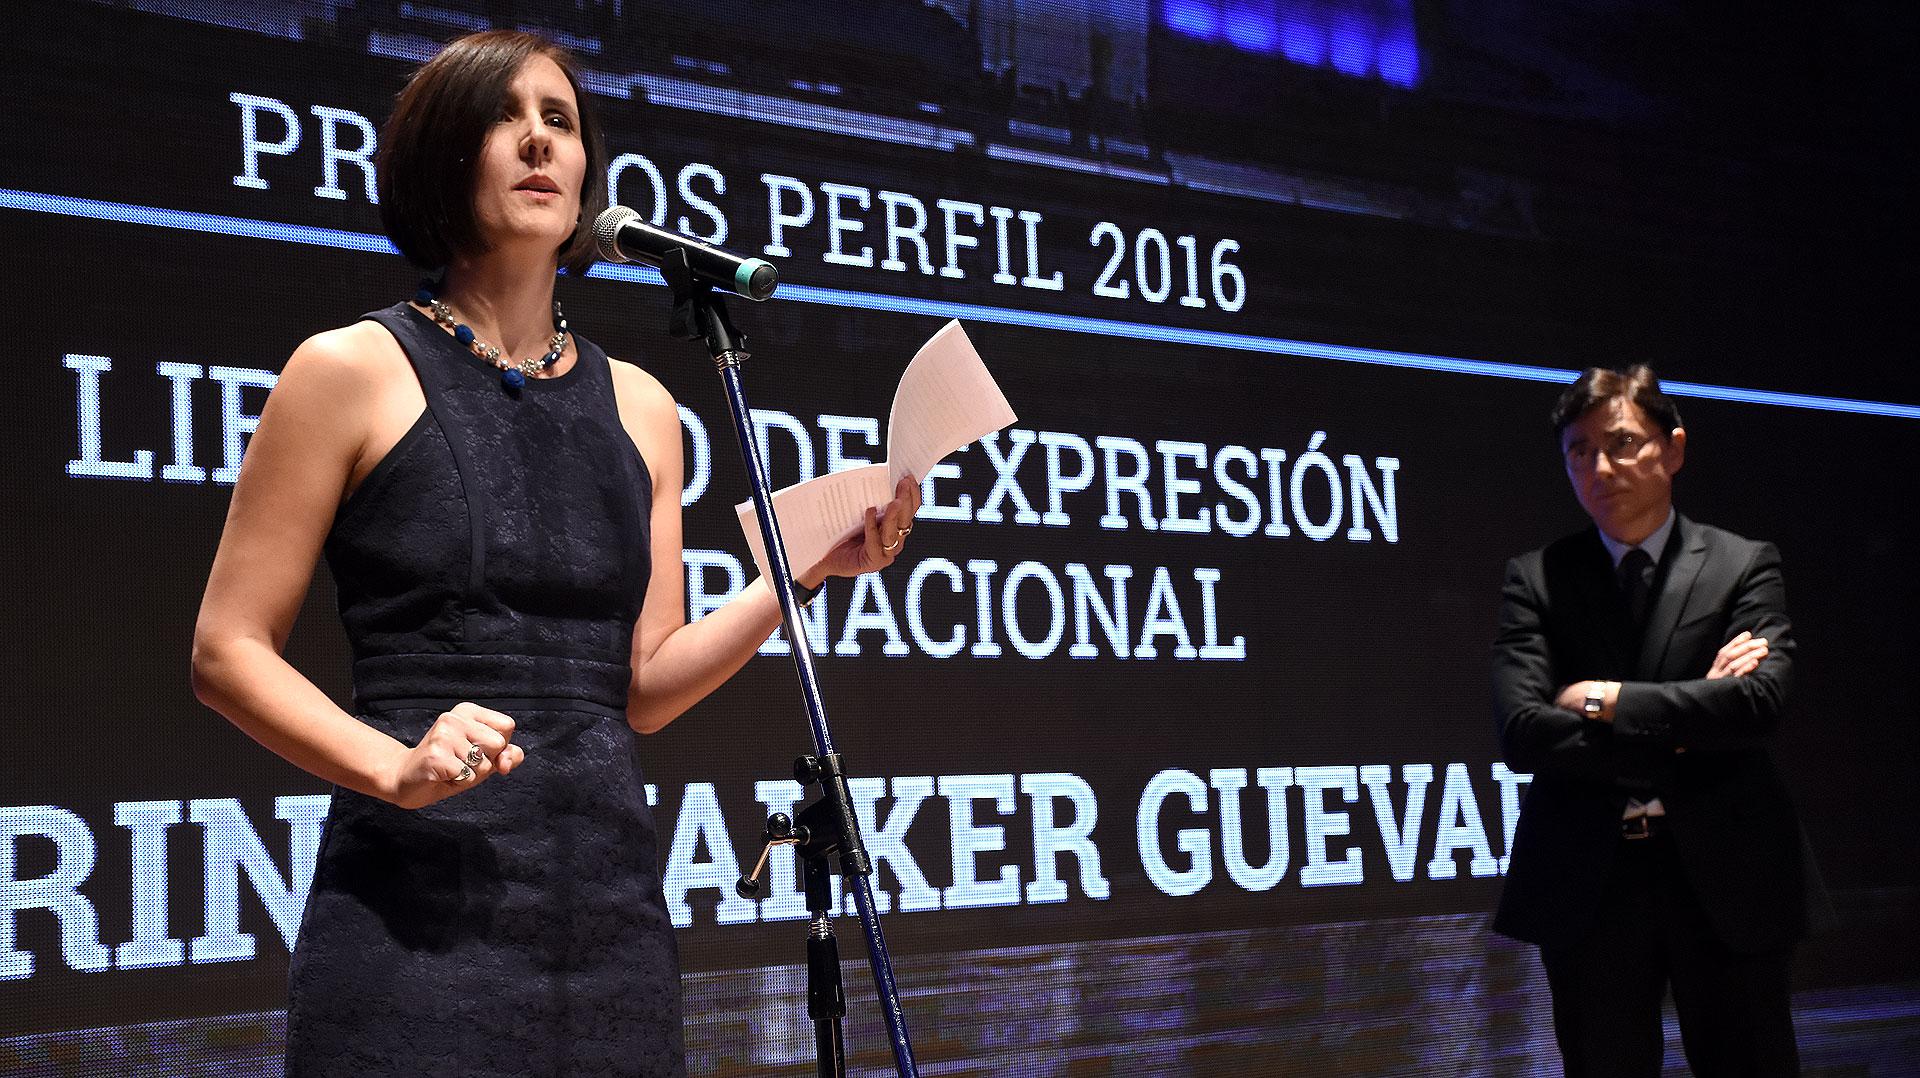 Marina Walker Guevara recibió el premio por los Panama Papers en su caracter de presidenta del Consorcio Internacional de Periodistas de Investigación